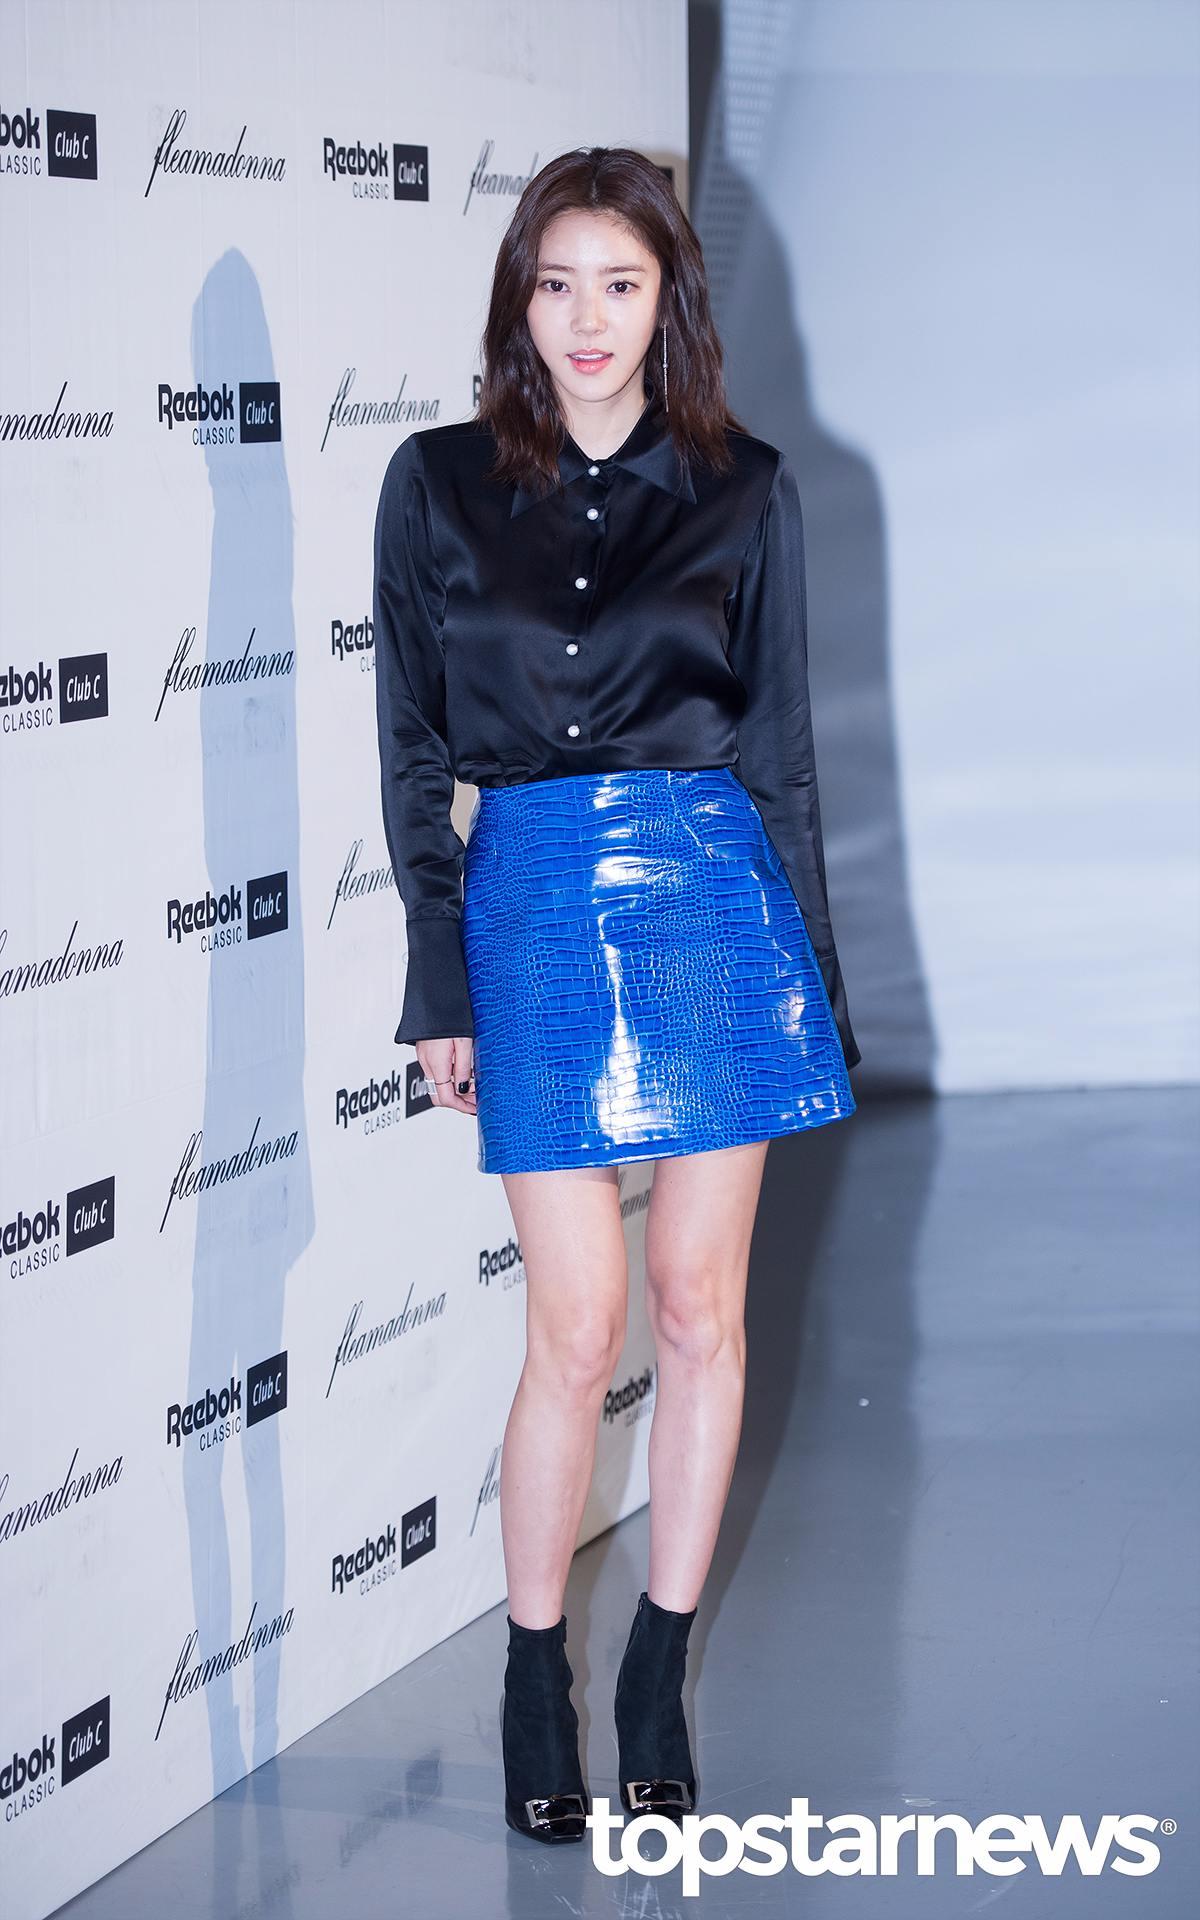 孫淡妃選用的這件黑色絲光襯衫,看起來非常的有質感! 亮點在藍色皮裙...色彩艷麗卻不會讓人覺得刺眼誇張,非常的吸引眼球,而且襯托的雙腿細白長..!